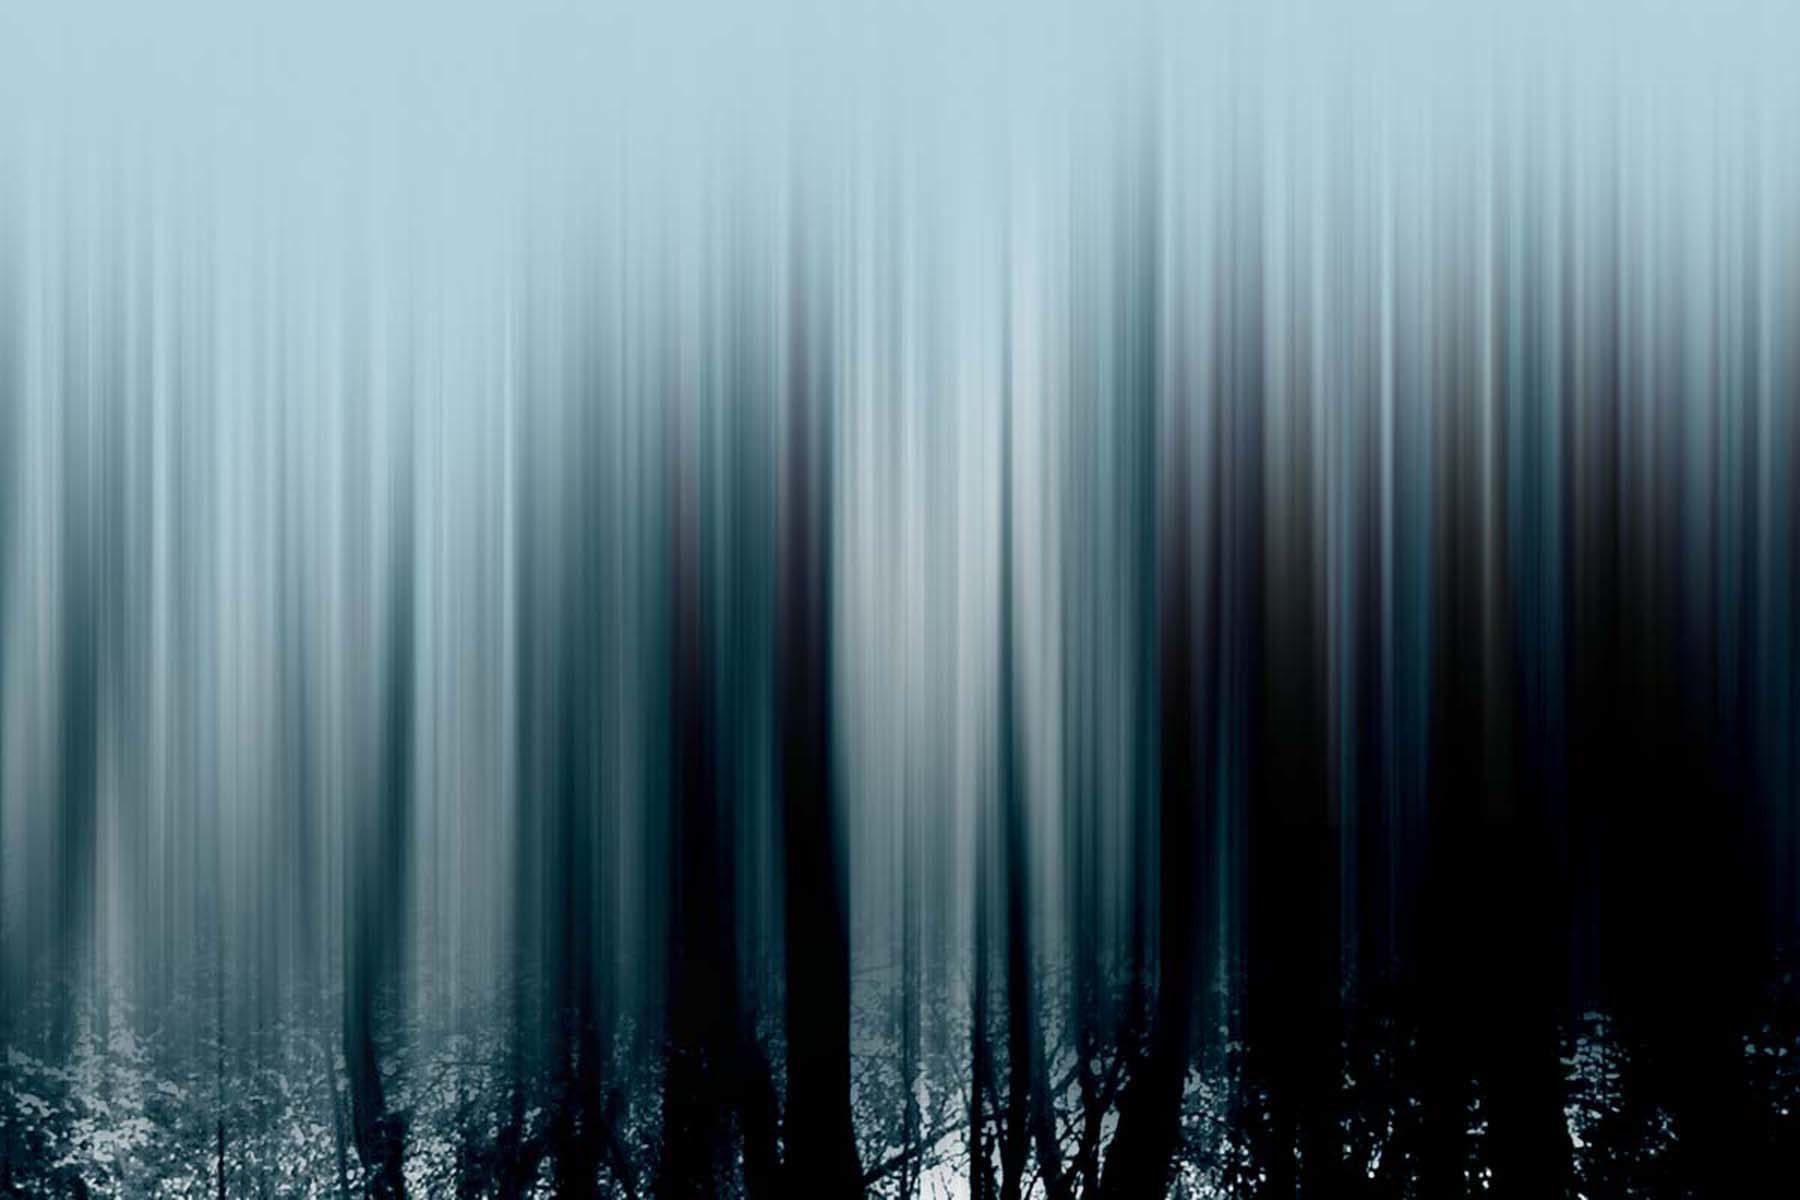 G. Dell'Antonia, I miei infiniti alberi (San Rocco), print on paper, 50 x 76 cm